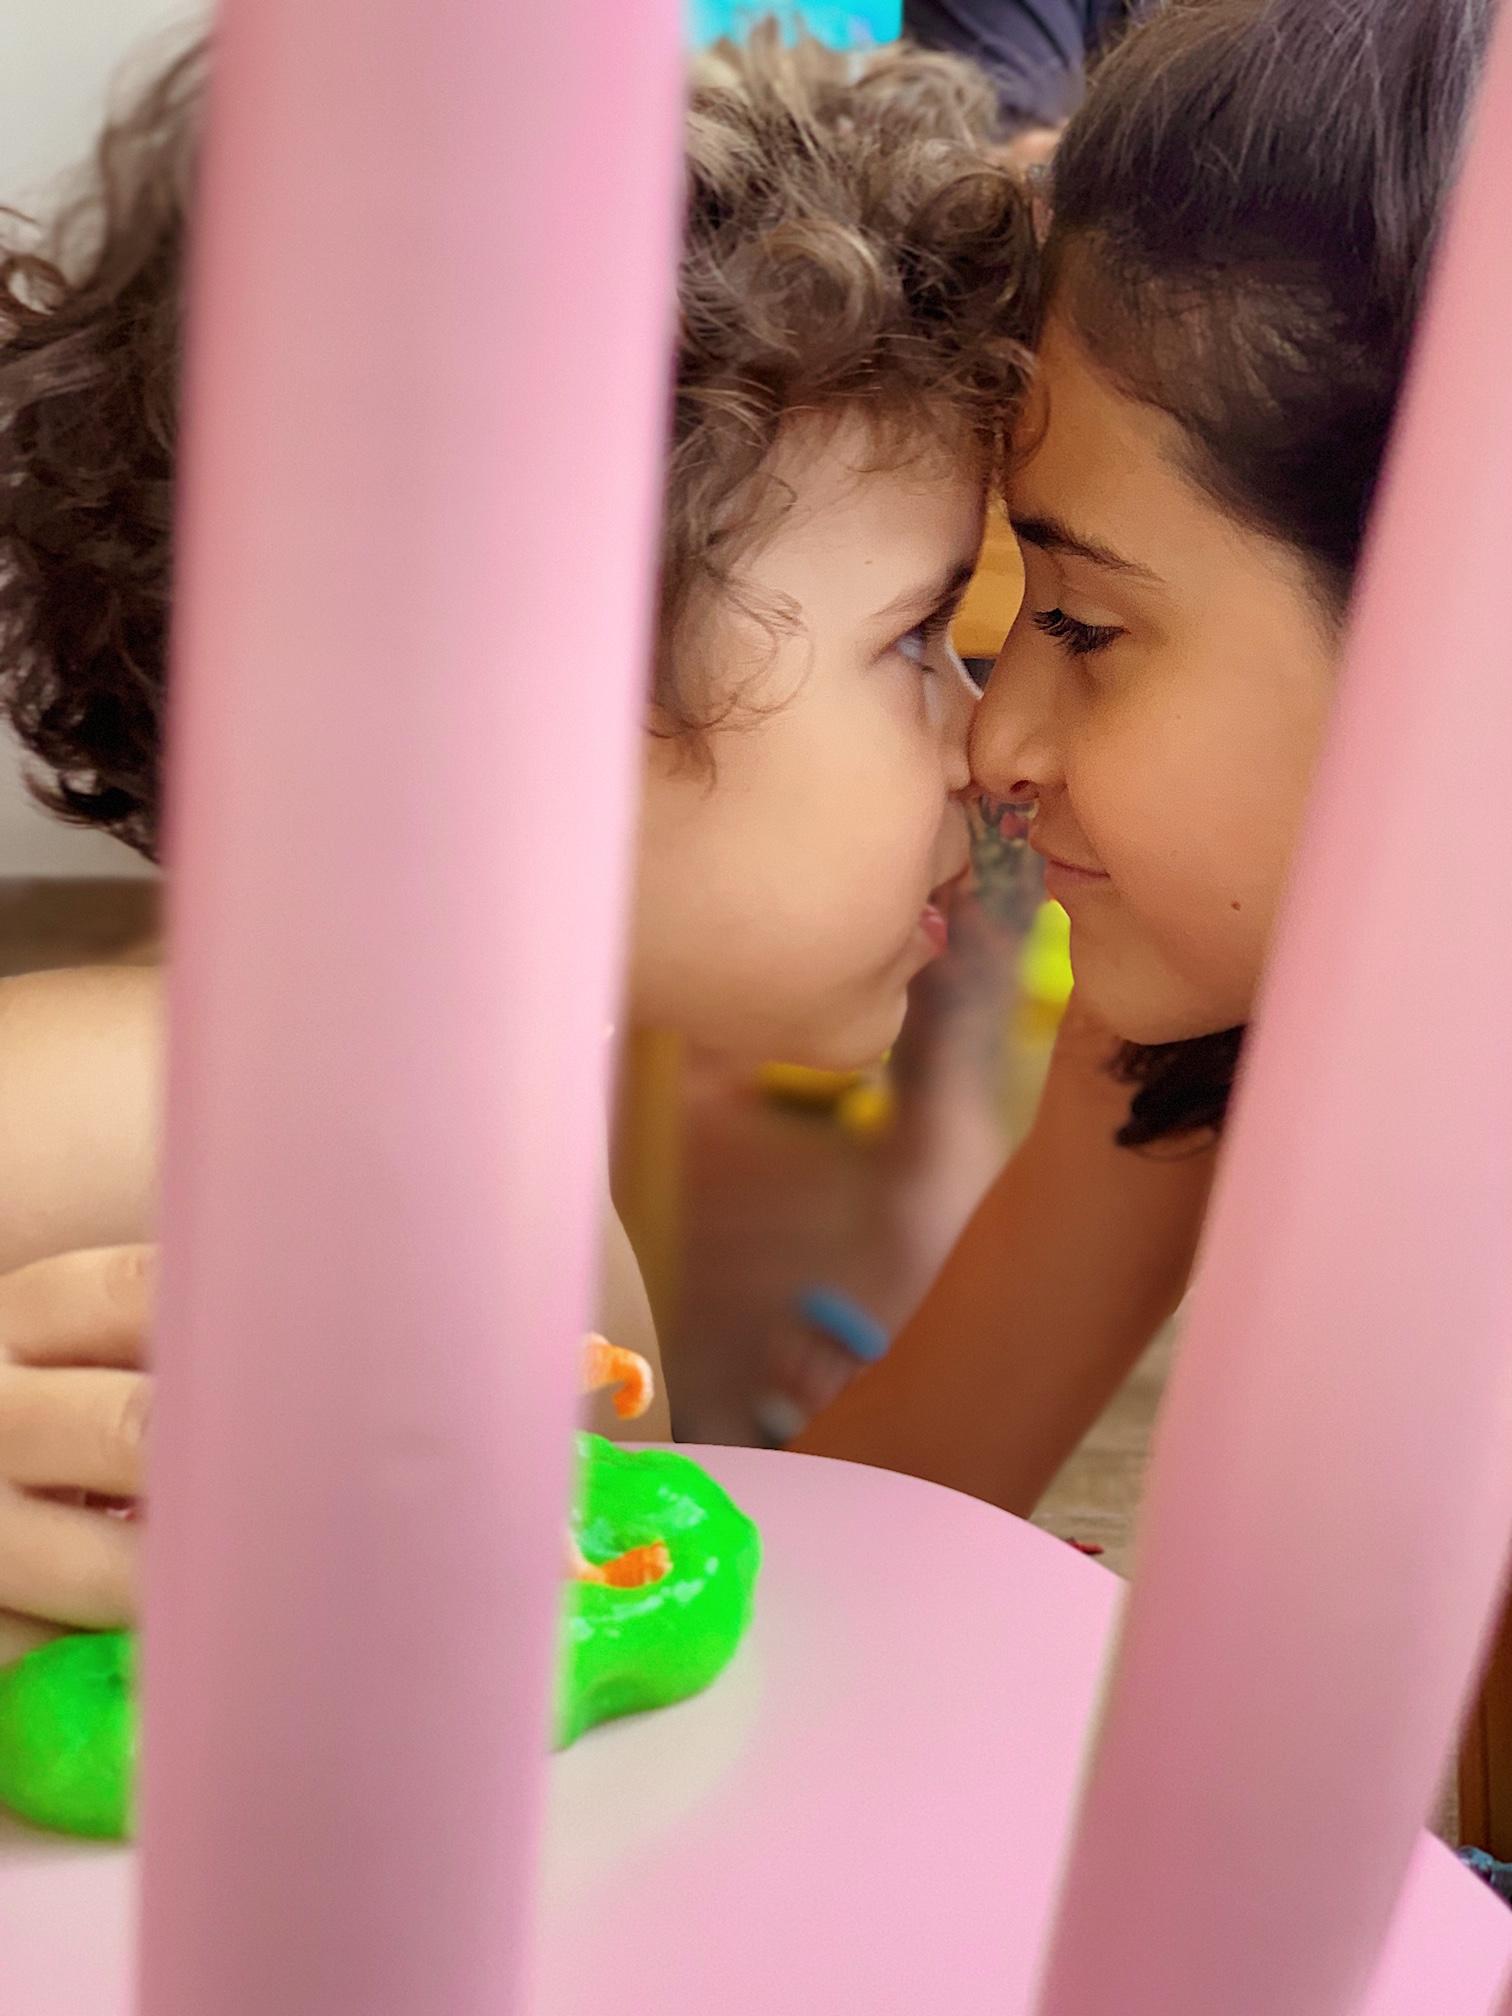 Funcionario cinema Bahia aproxima garotinho autista conquista gesto emocionante